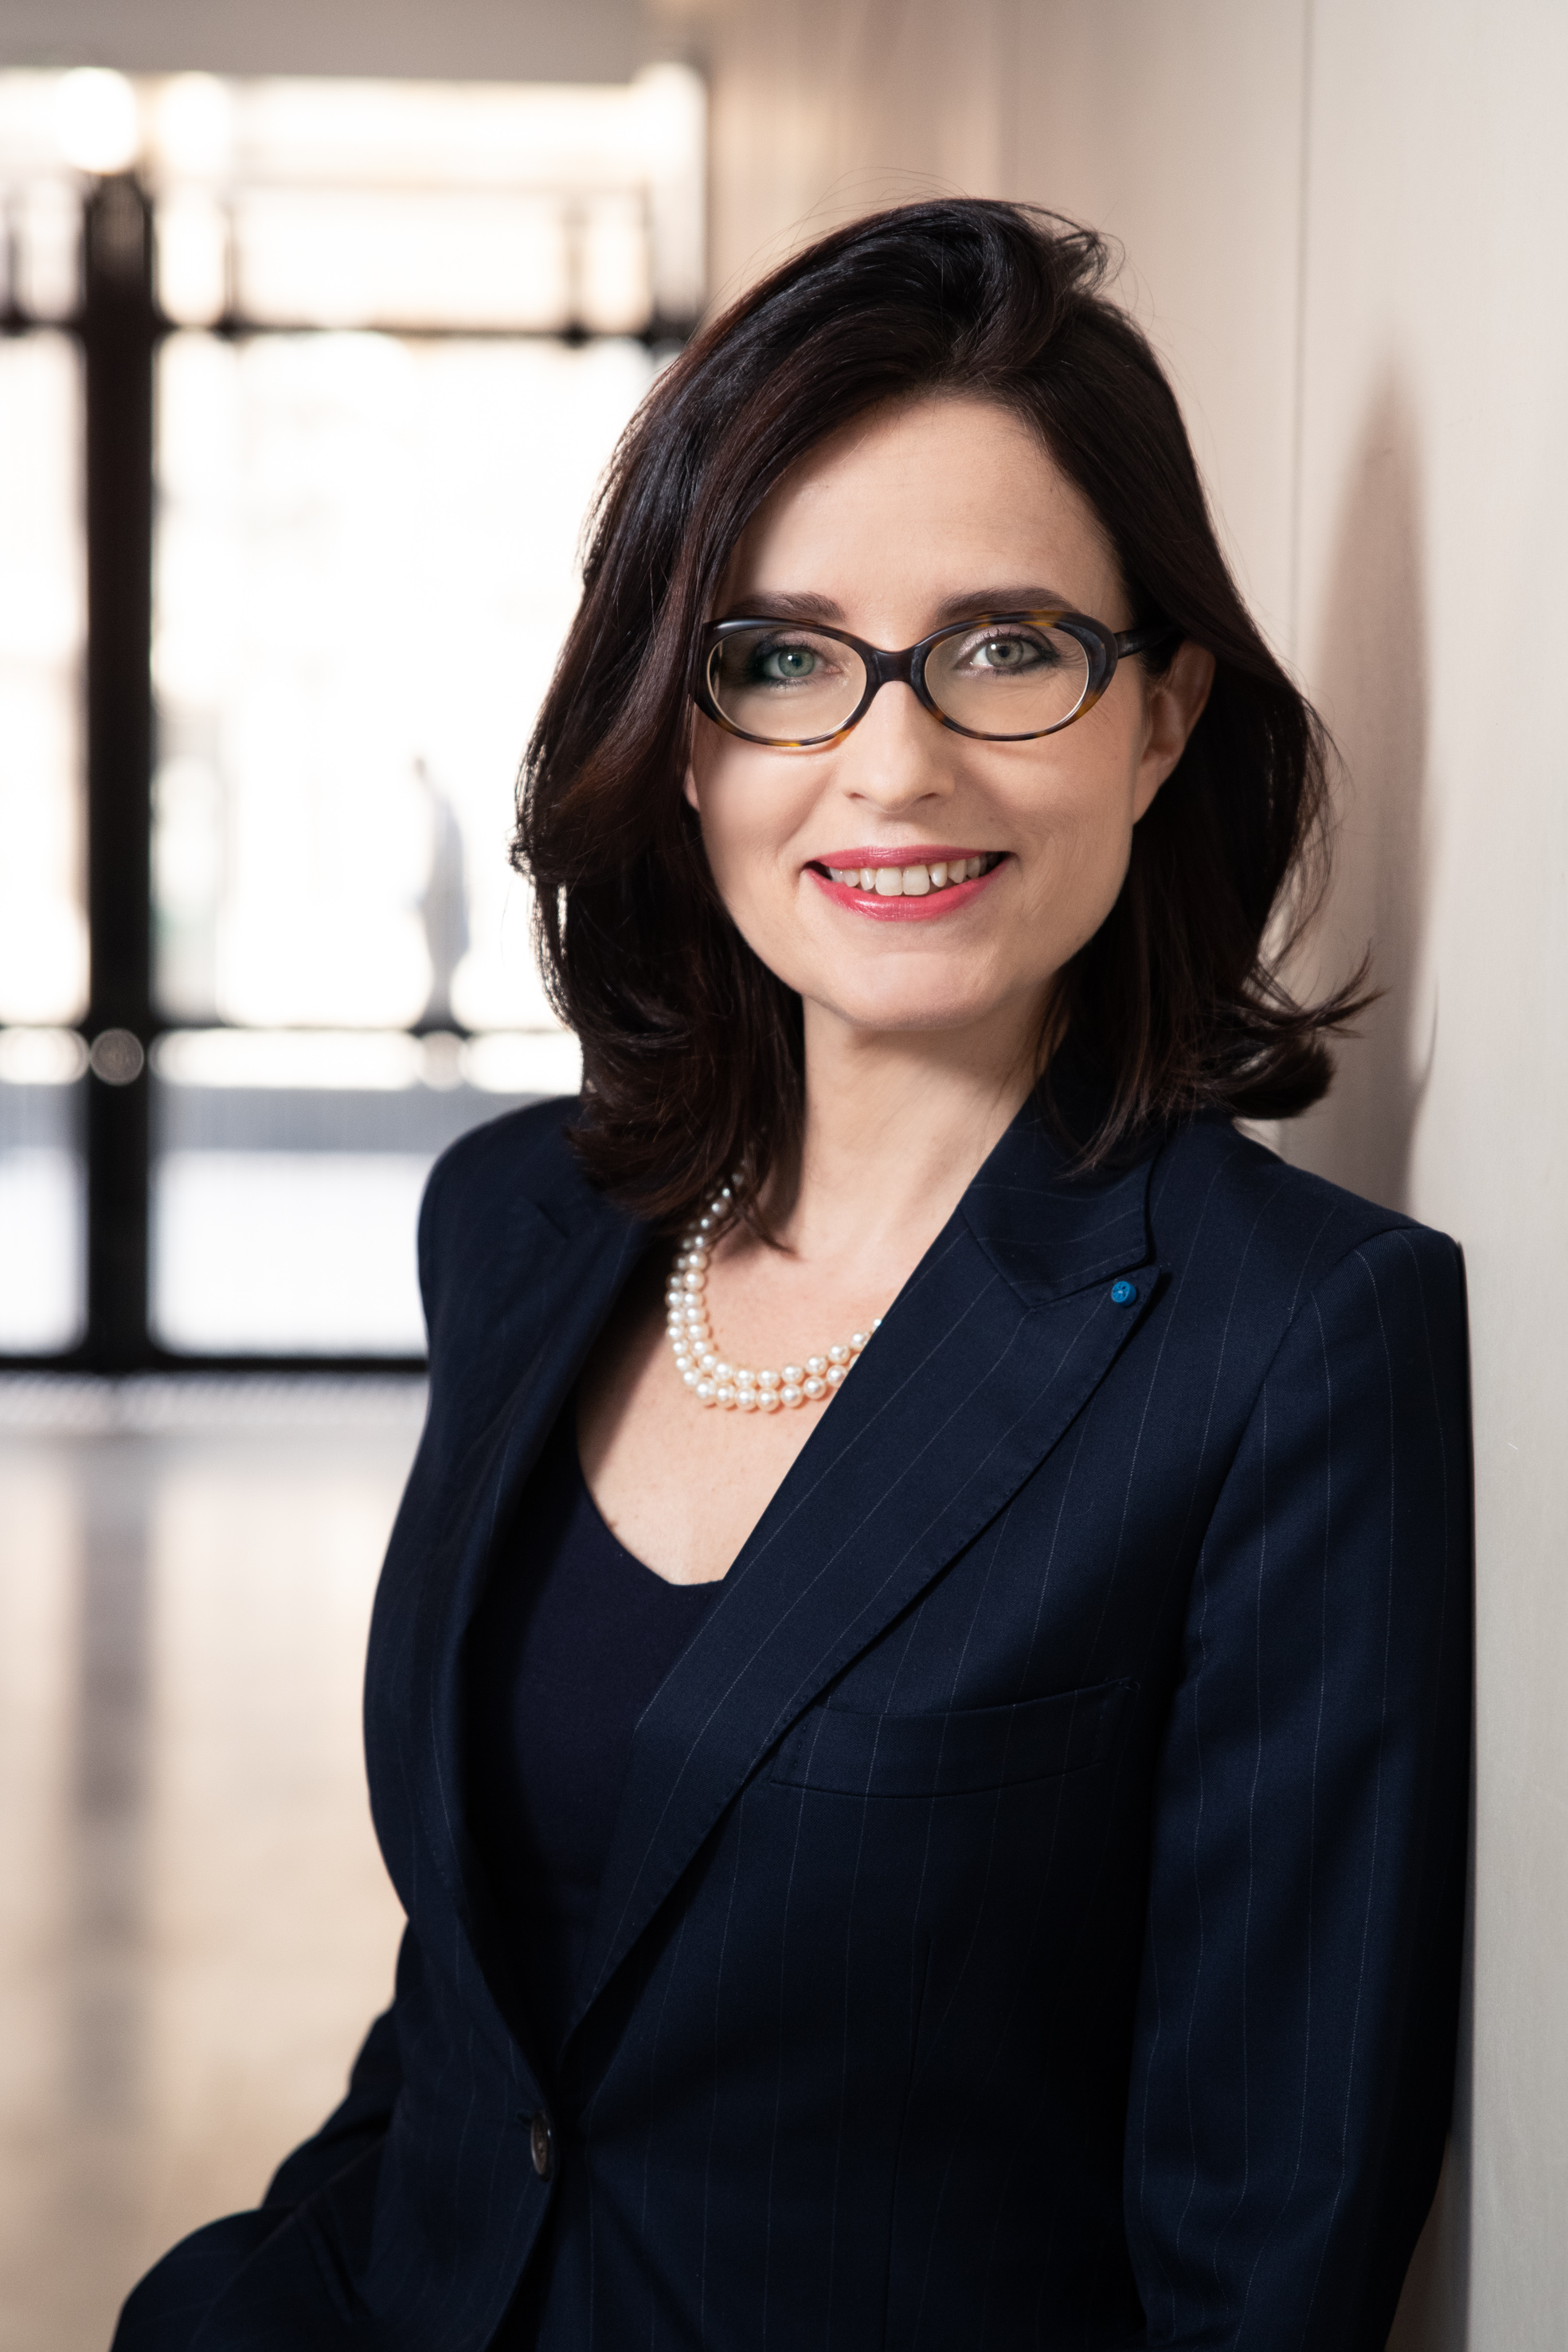 Hélène Valade of LVMH